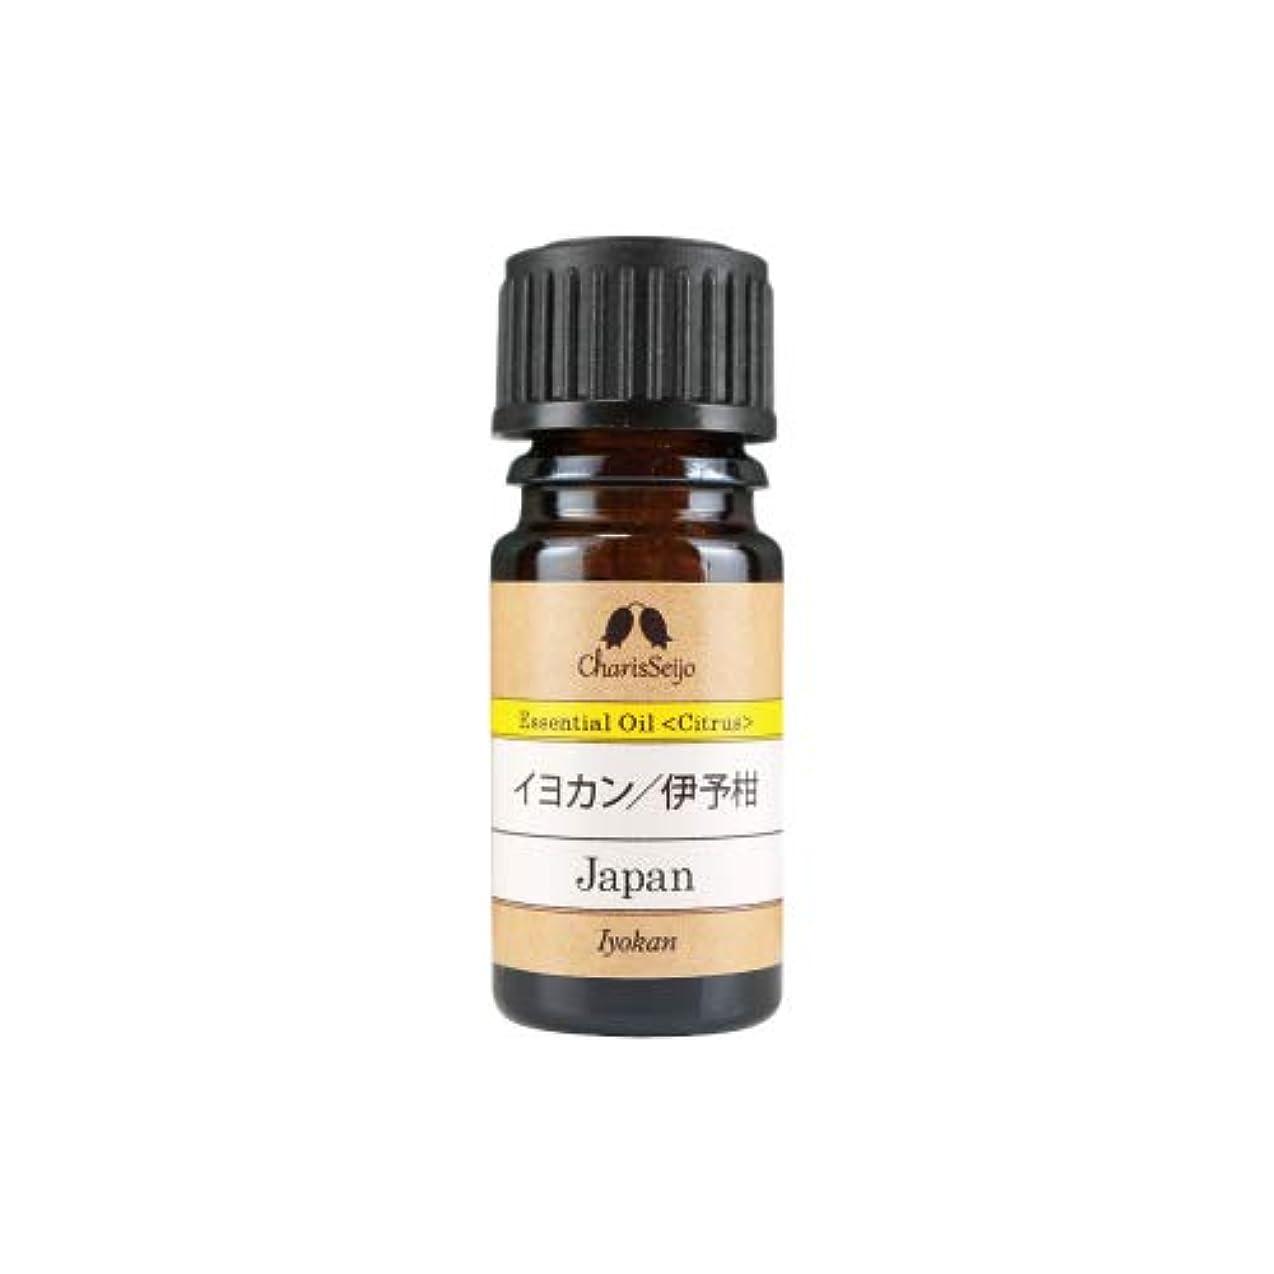 標準クスクス吹きさらしイヨカン/伊予柑 オイル 5ml (100nl)